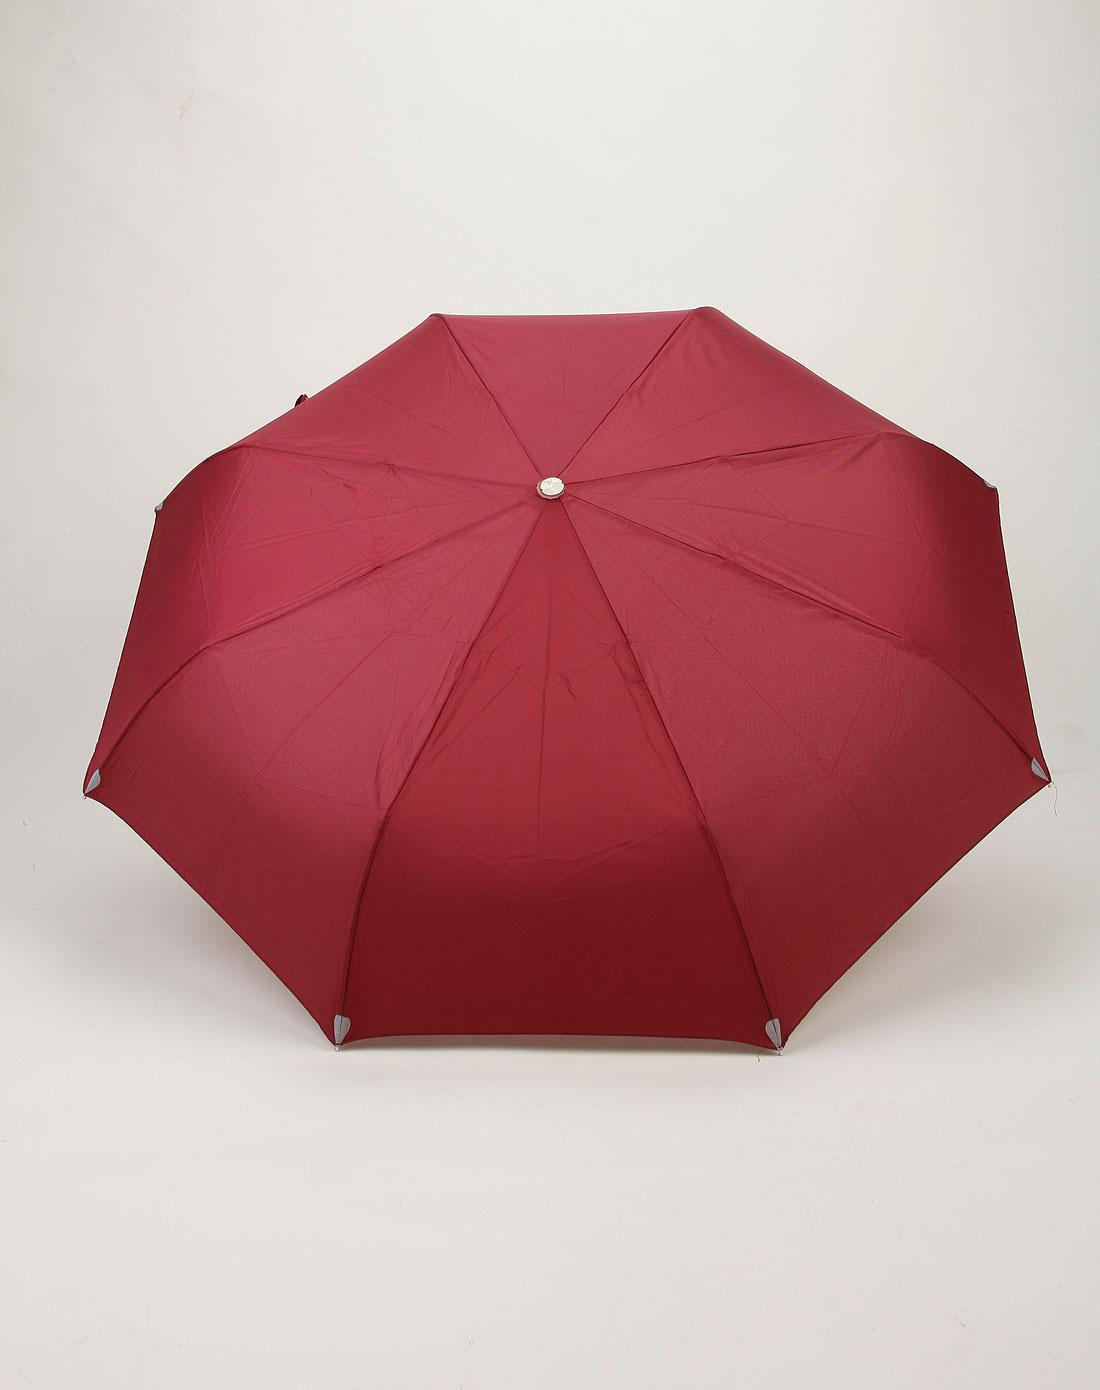 天堂伞专场红色防紫外线晴雨伞bj12a356